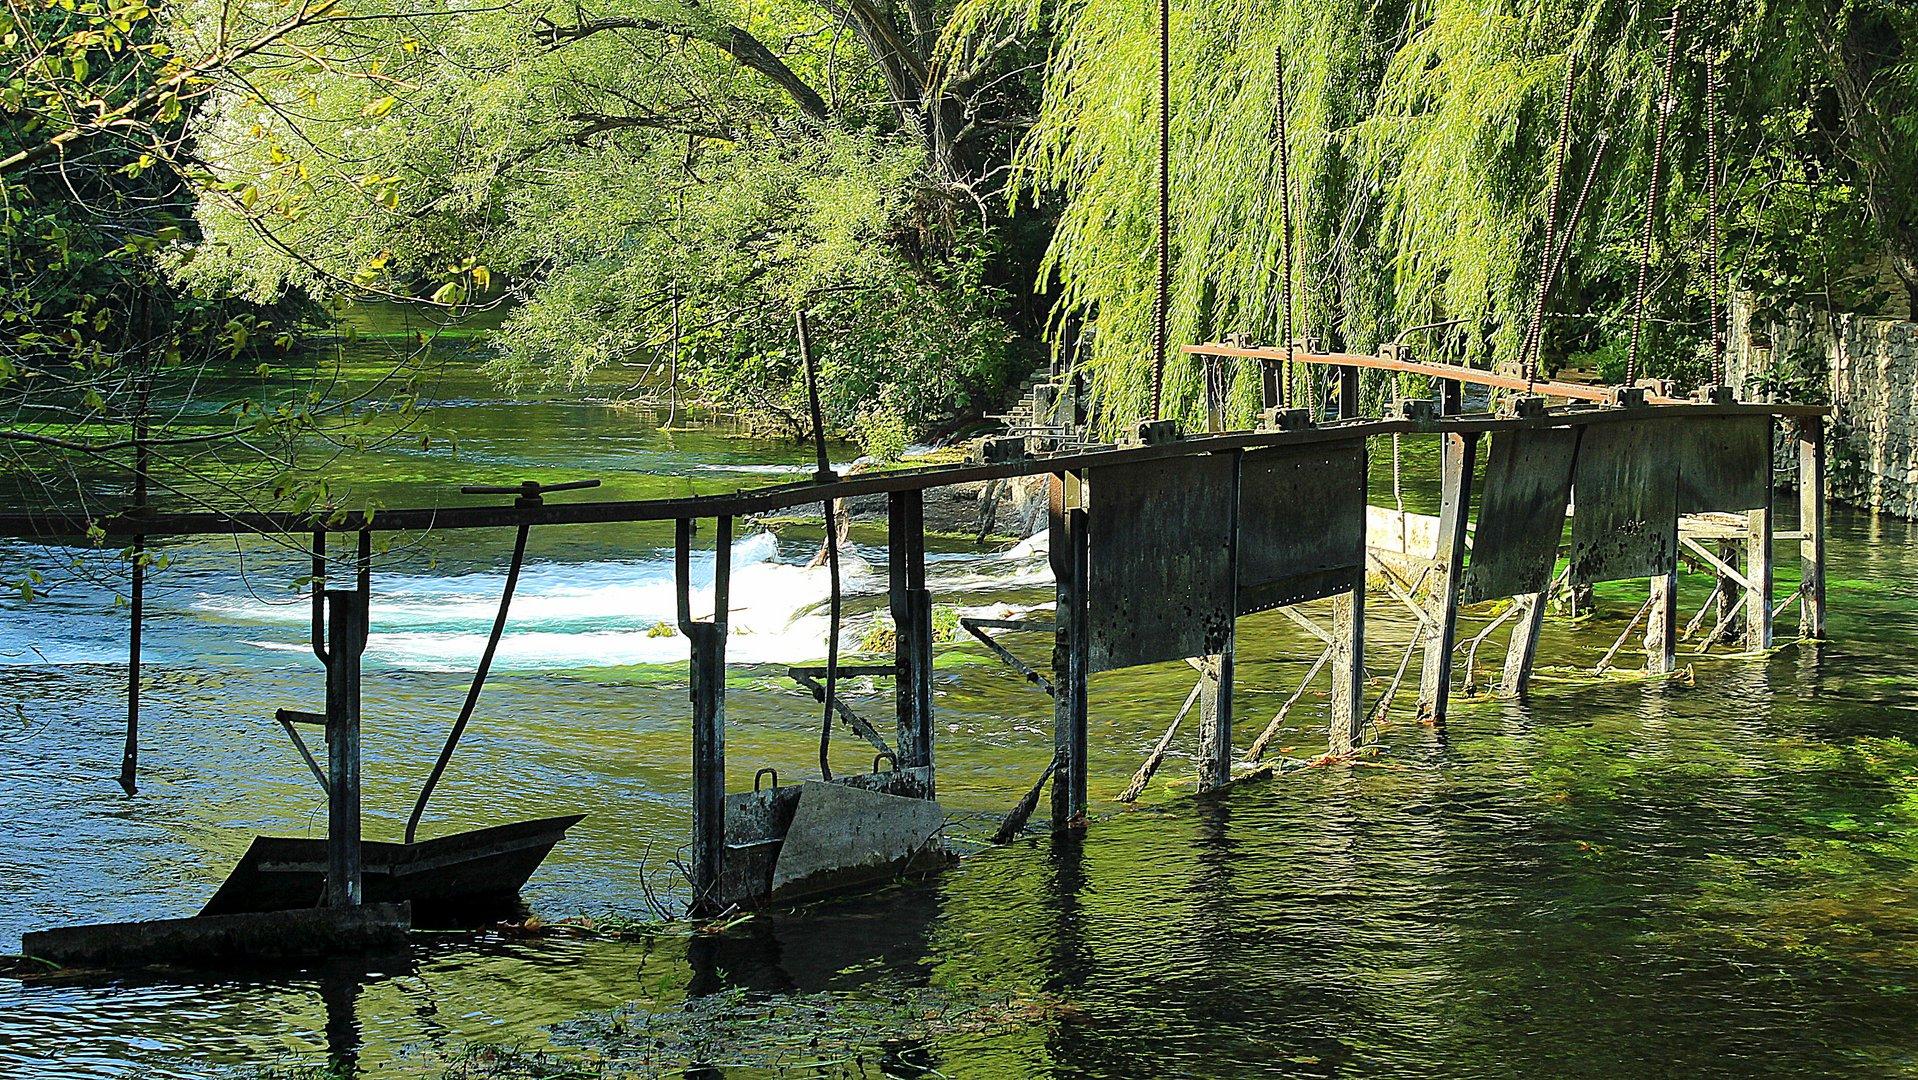 Fontaine de Vaucluse 5